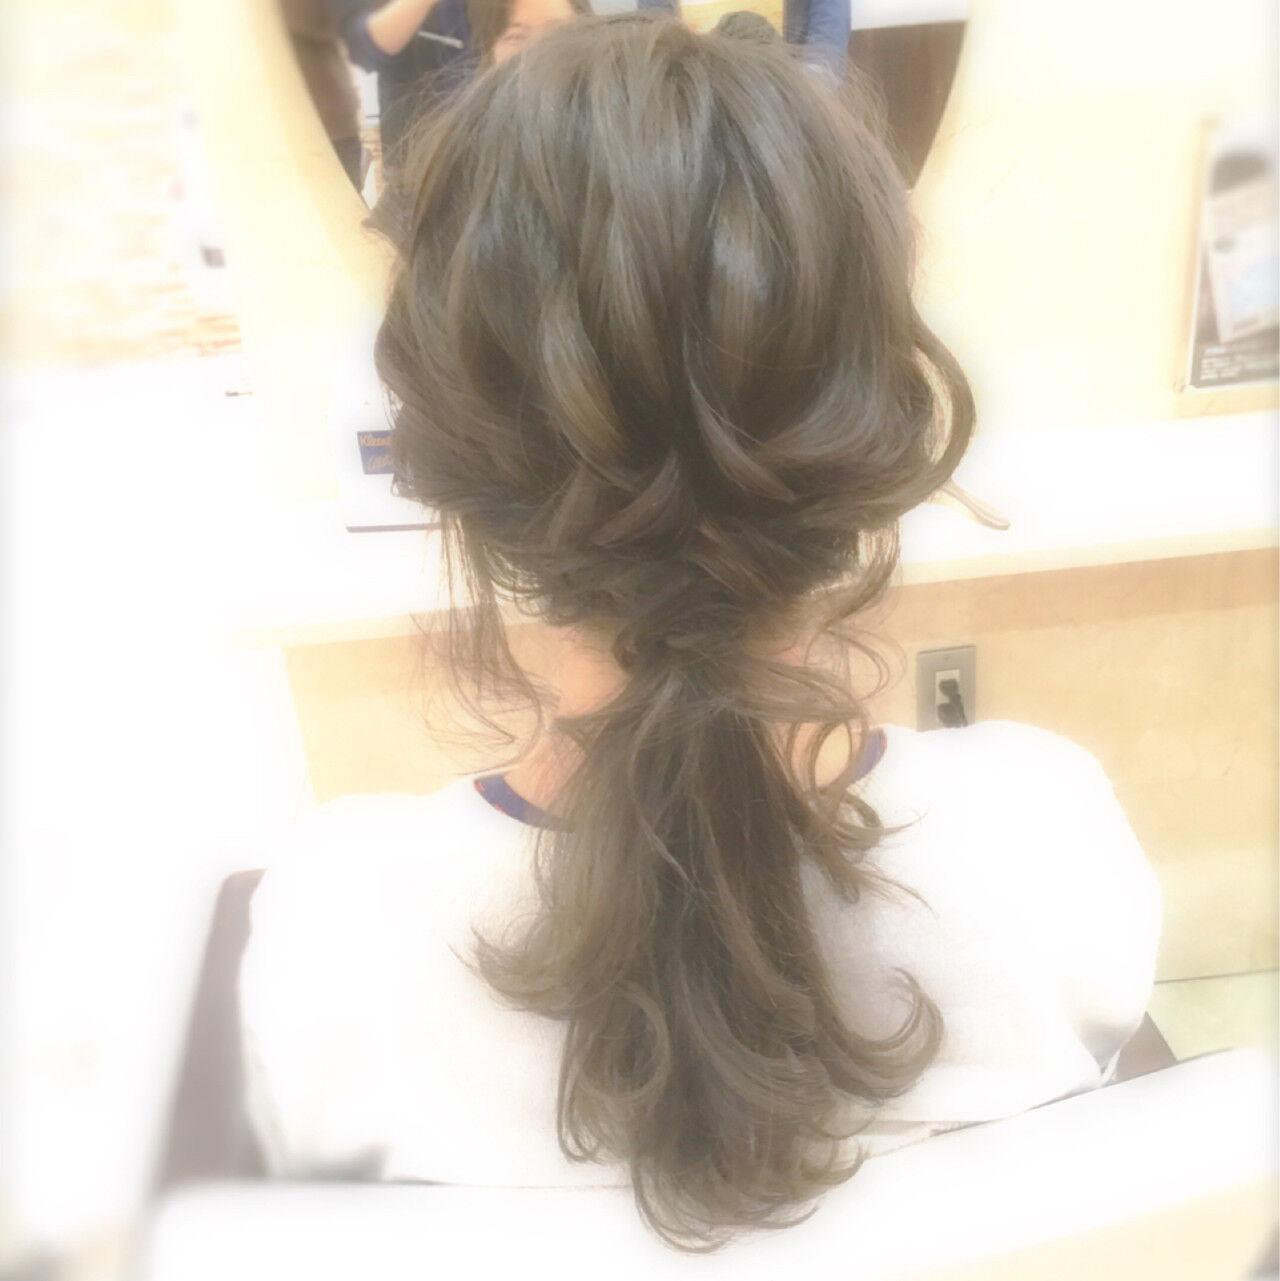 イルミナカラー 大人かわいい ロング ローポニーテールヘアスタイルや髪型の写真・画像